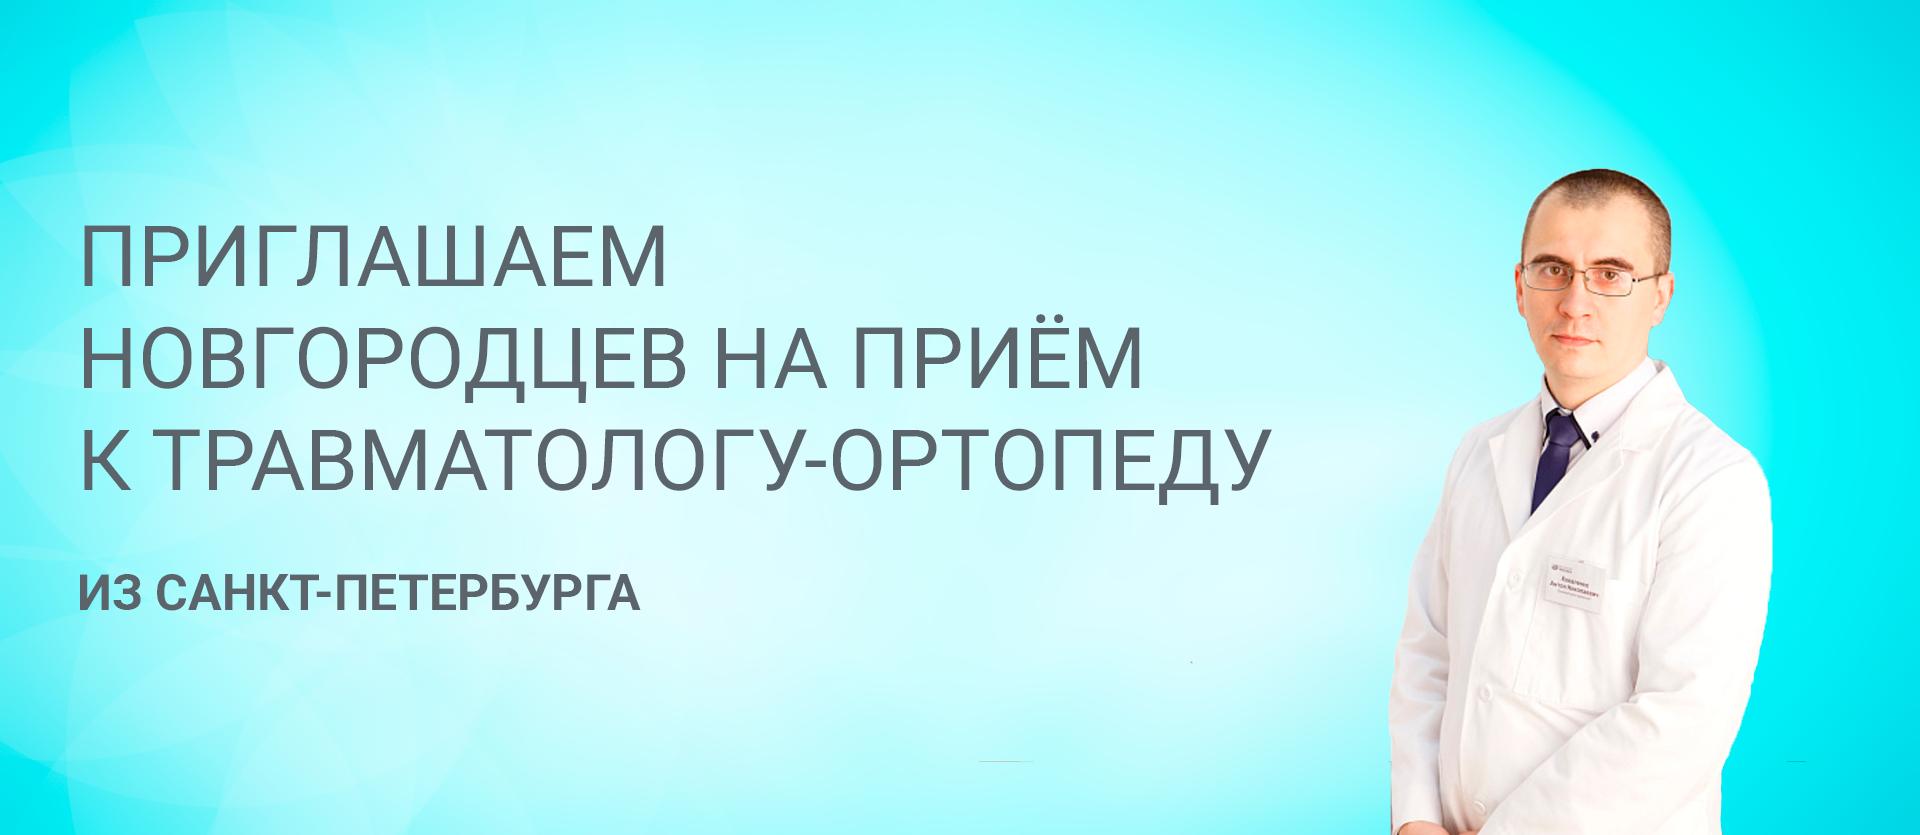 Приглашаем новгородцев на приём к травматологу-ортопеду из Санкт-Петербурга!